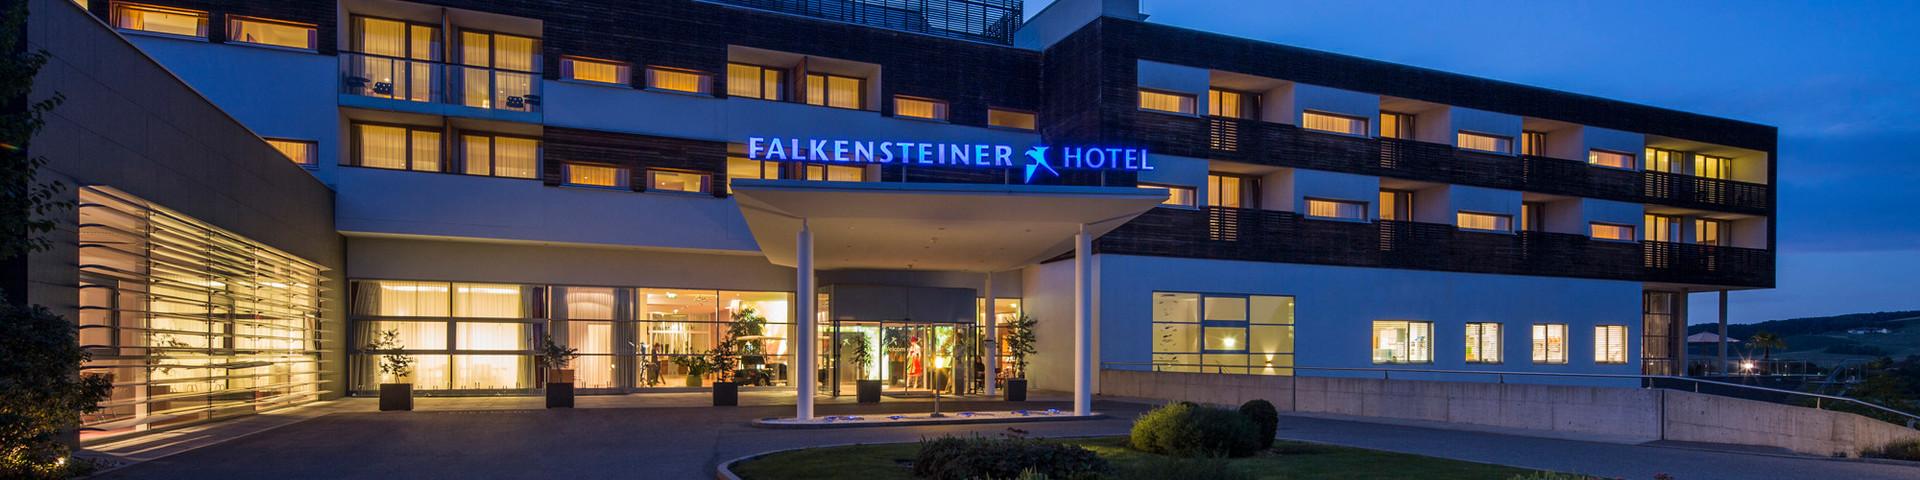 Falkensteiner Therme & Golf Hotel Bad Waltersdorf - Aussenansicht bei Nacht © Falkensteiner Hotels & Residences